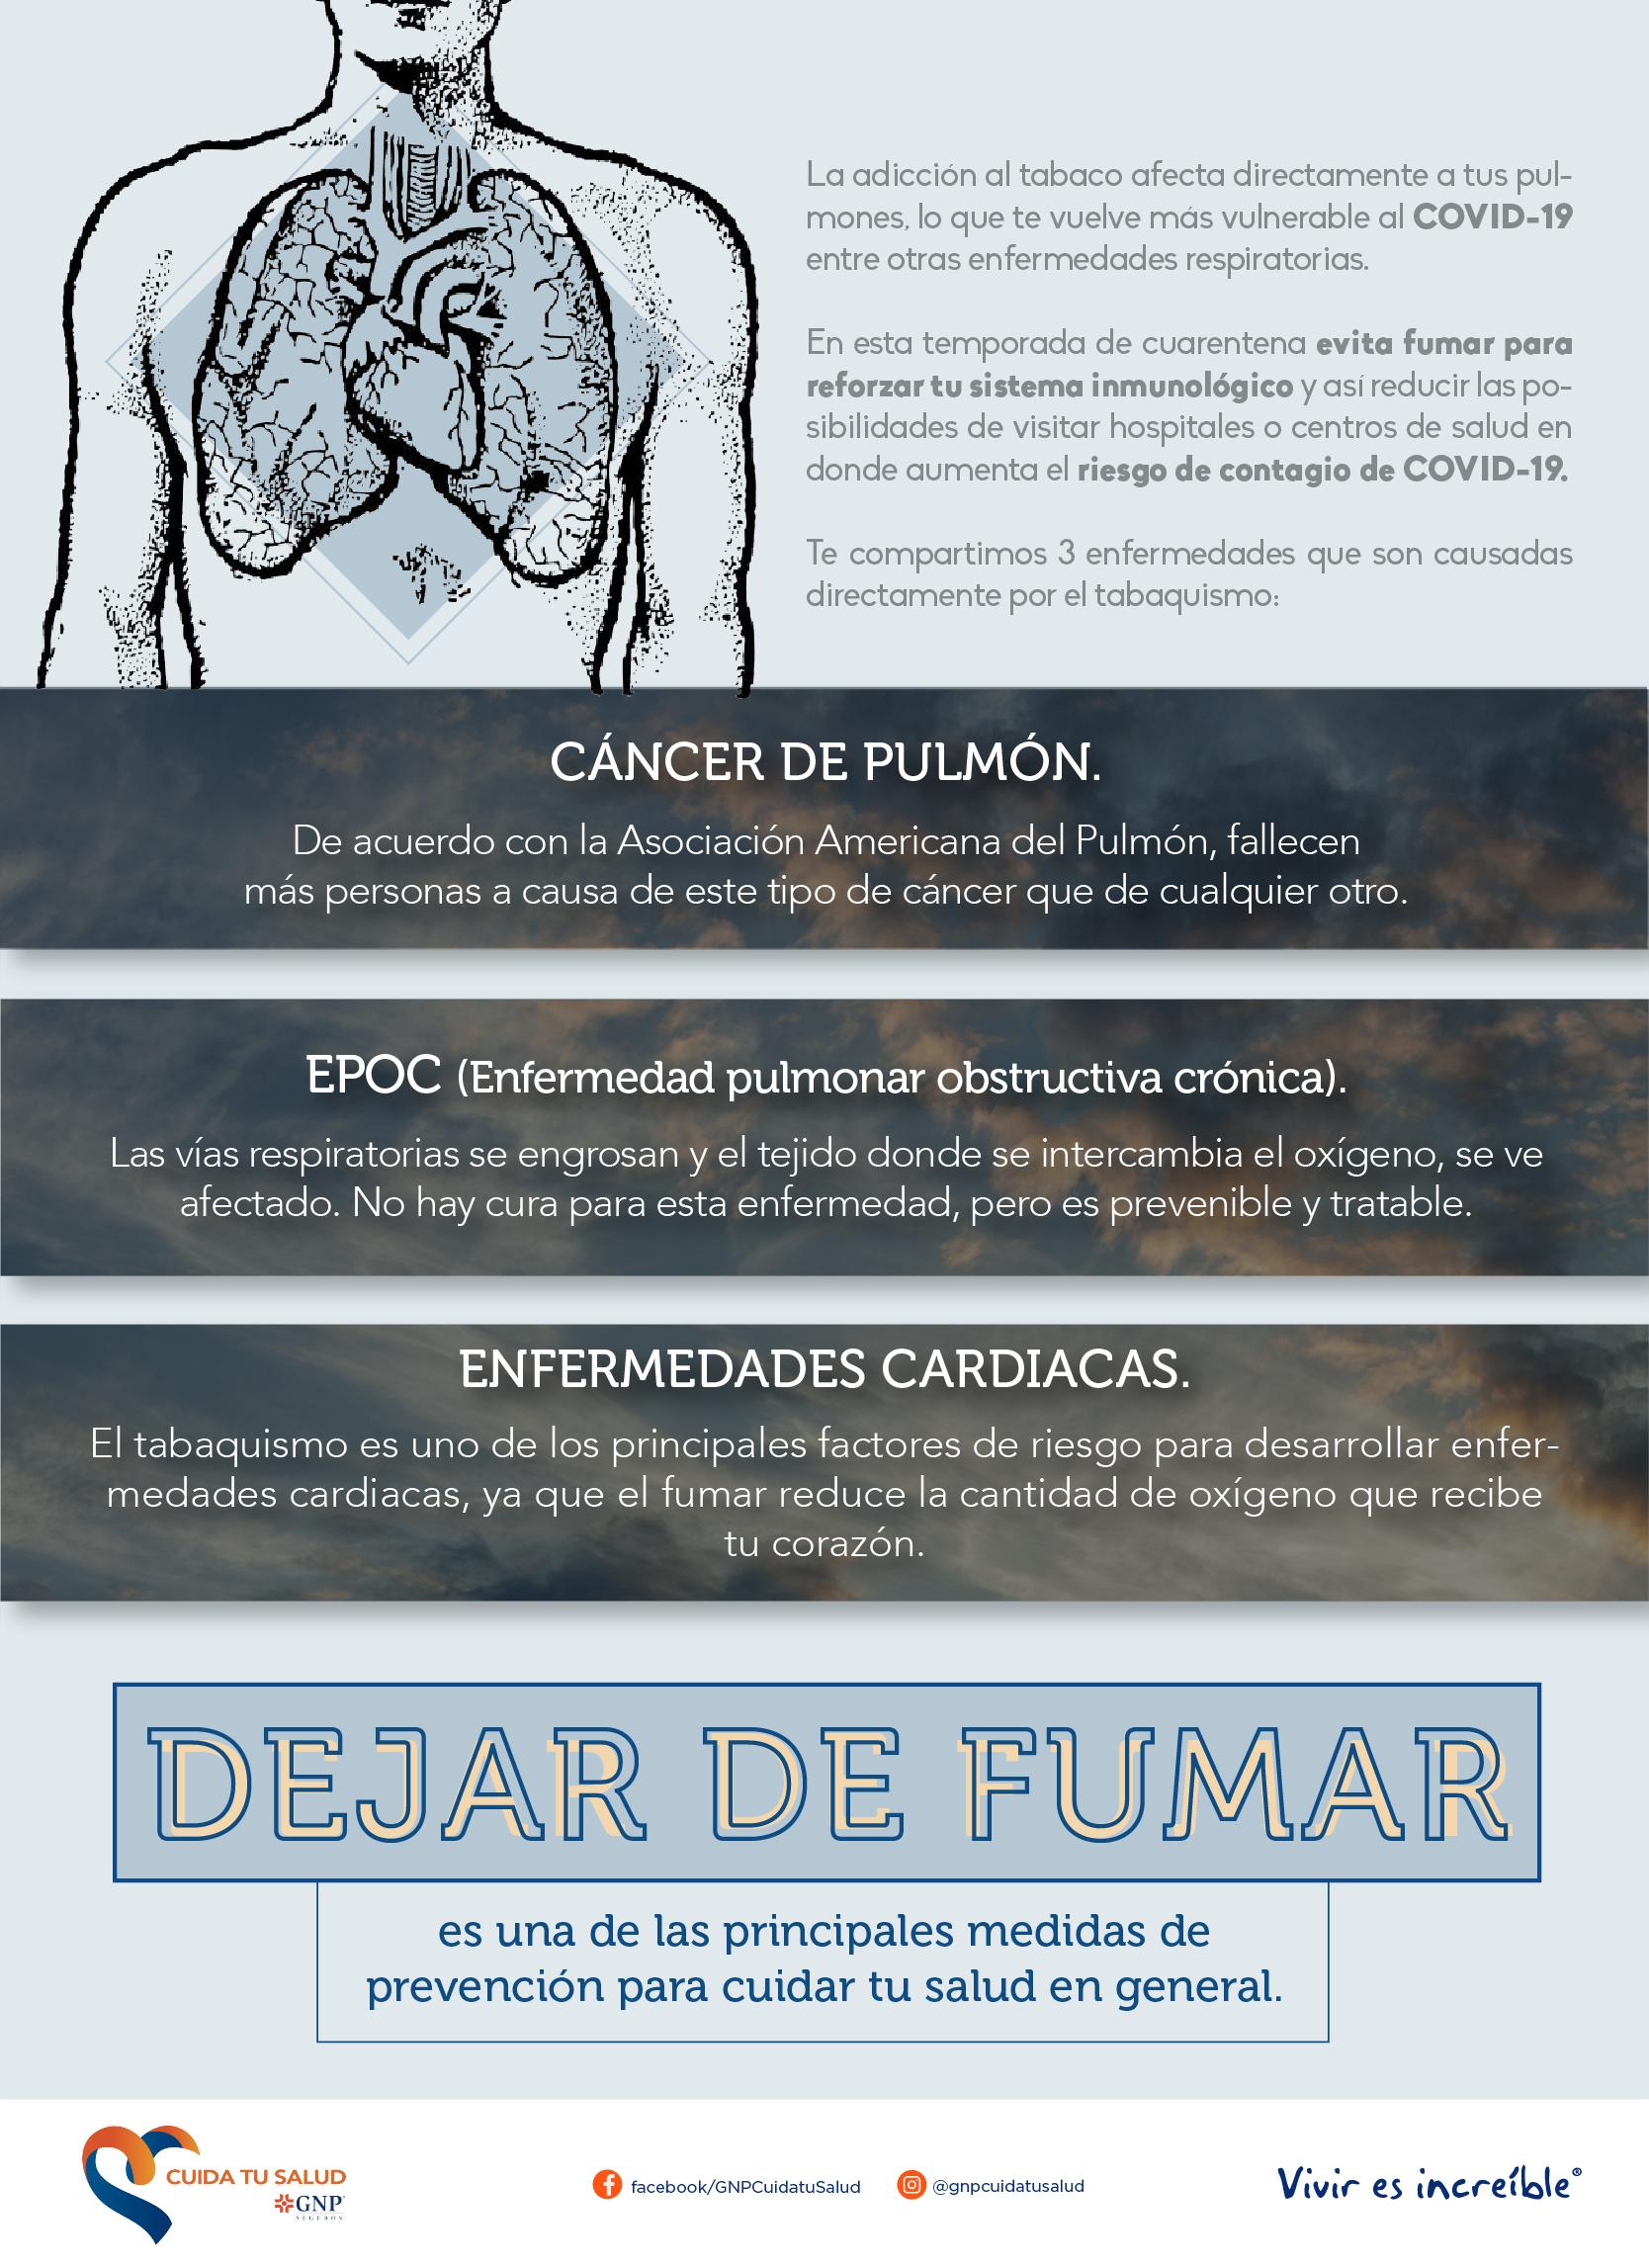 Tabaquismo: factor de riesgo de Covid-19 y otras enfermedades